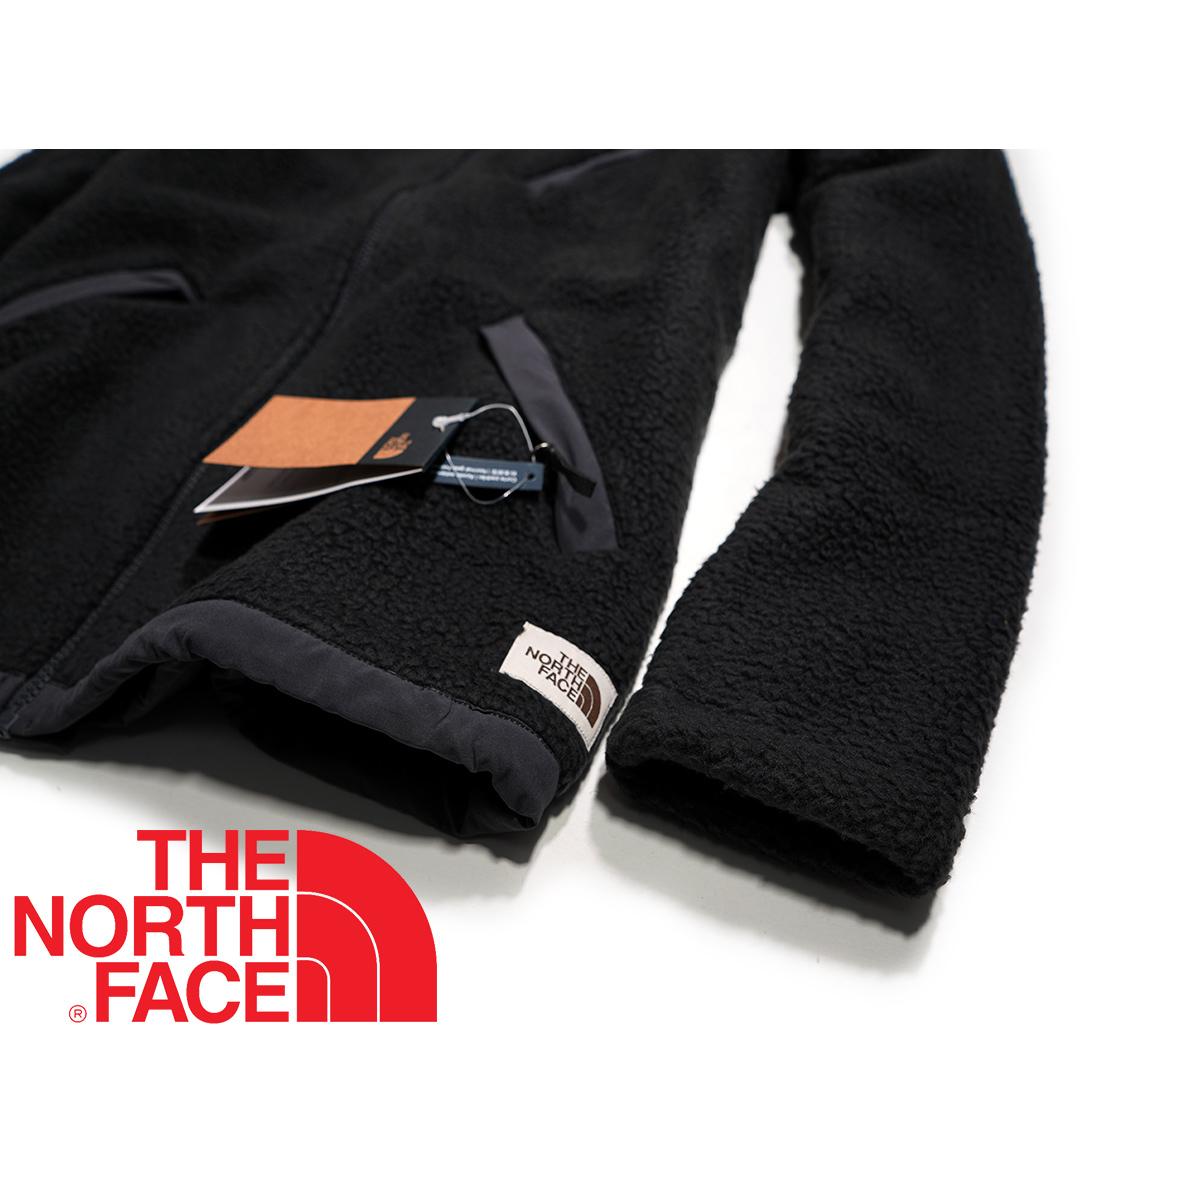 【新品本物 USA購入】THE NORTH FACE ノースフェイス ■ Cragmont Fleece ■ ブラック / L ■シェルパ フリースジャケット 海外限定_画像9